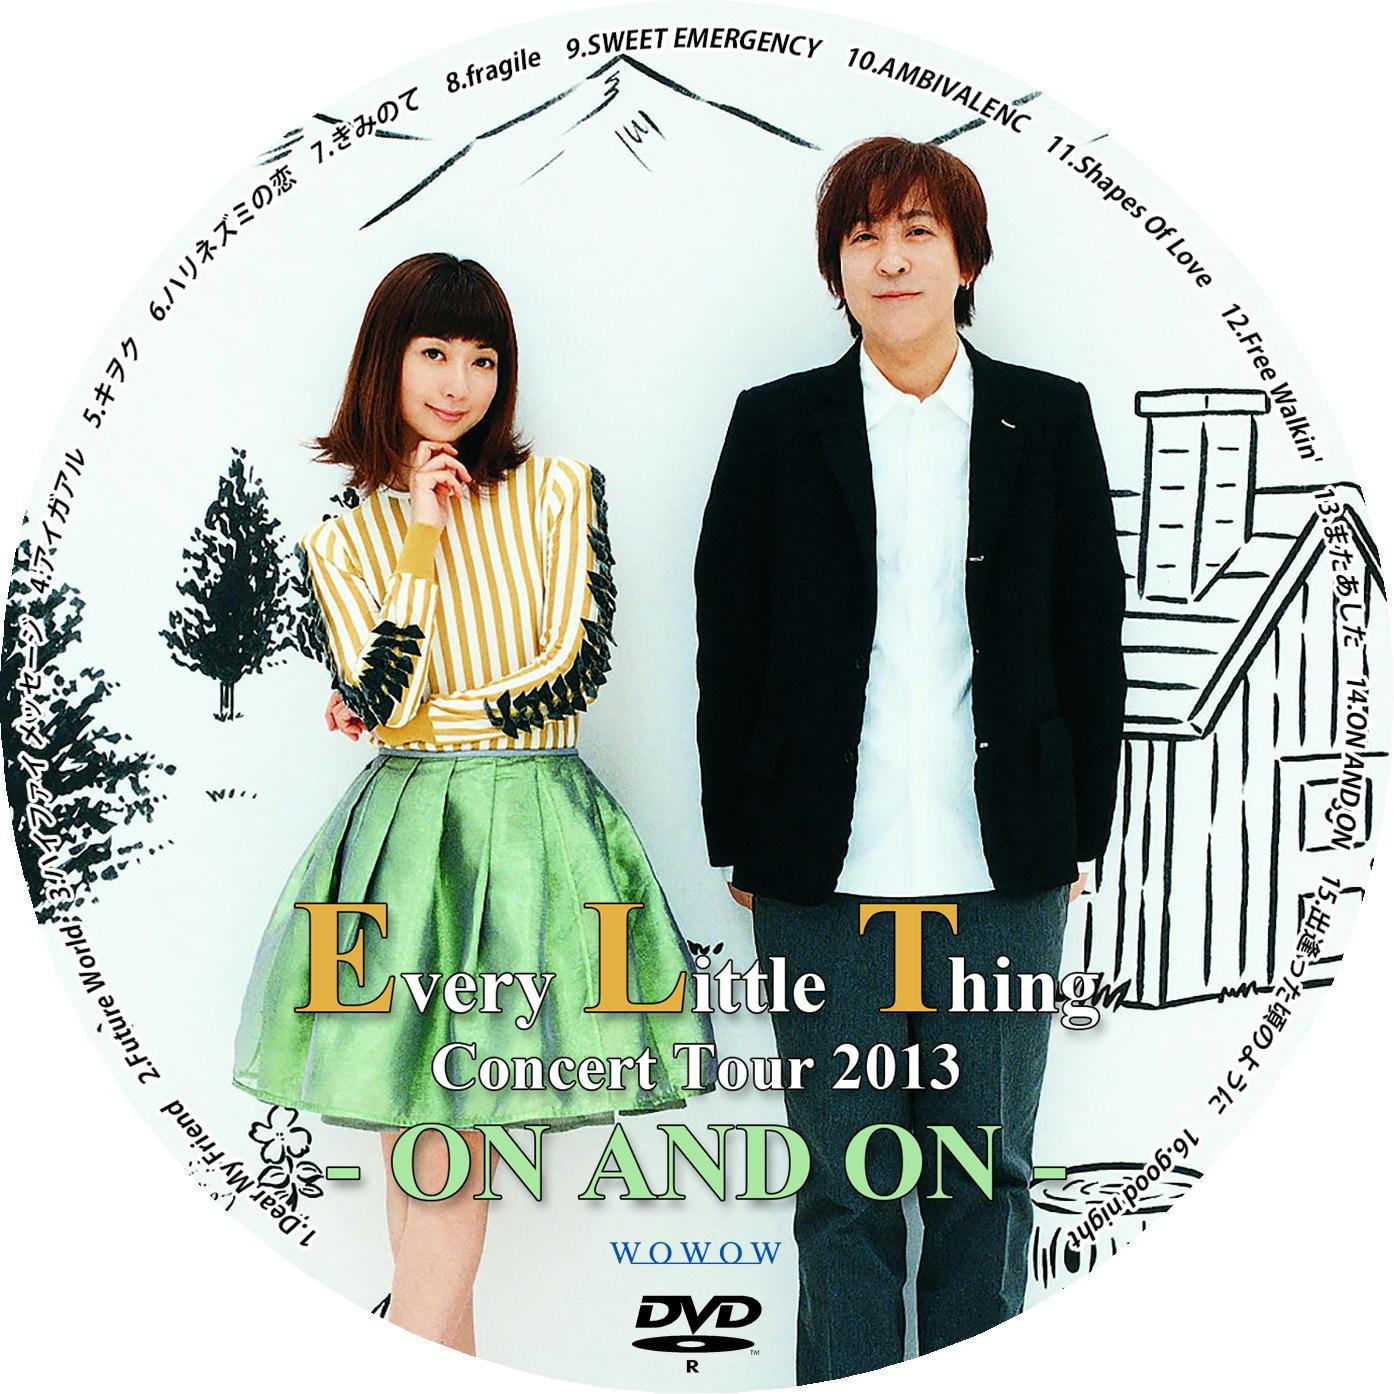 ELT DVDラベルプロモーション画像